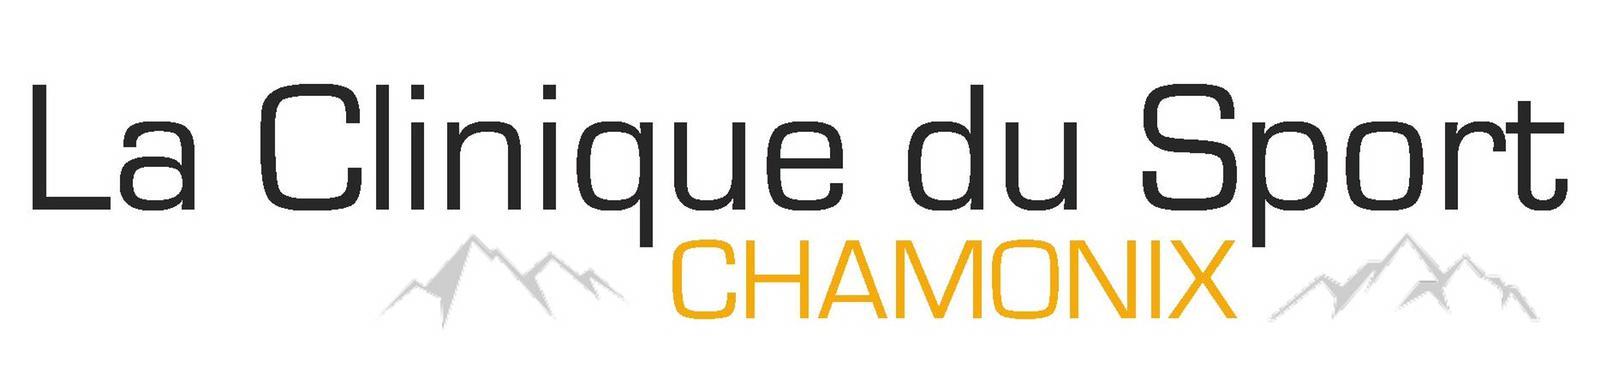 LCDS Chamonix